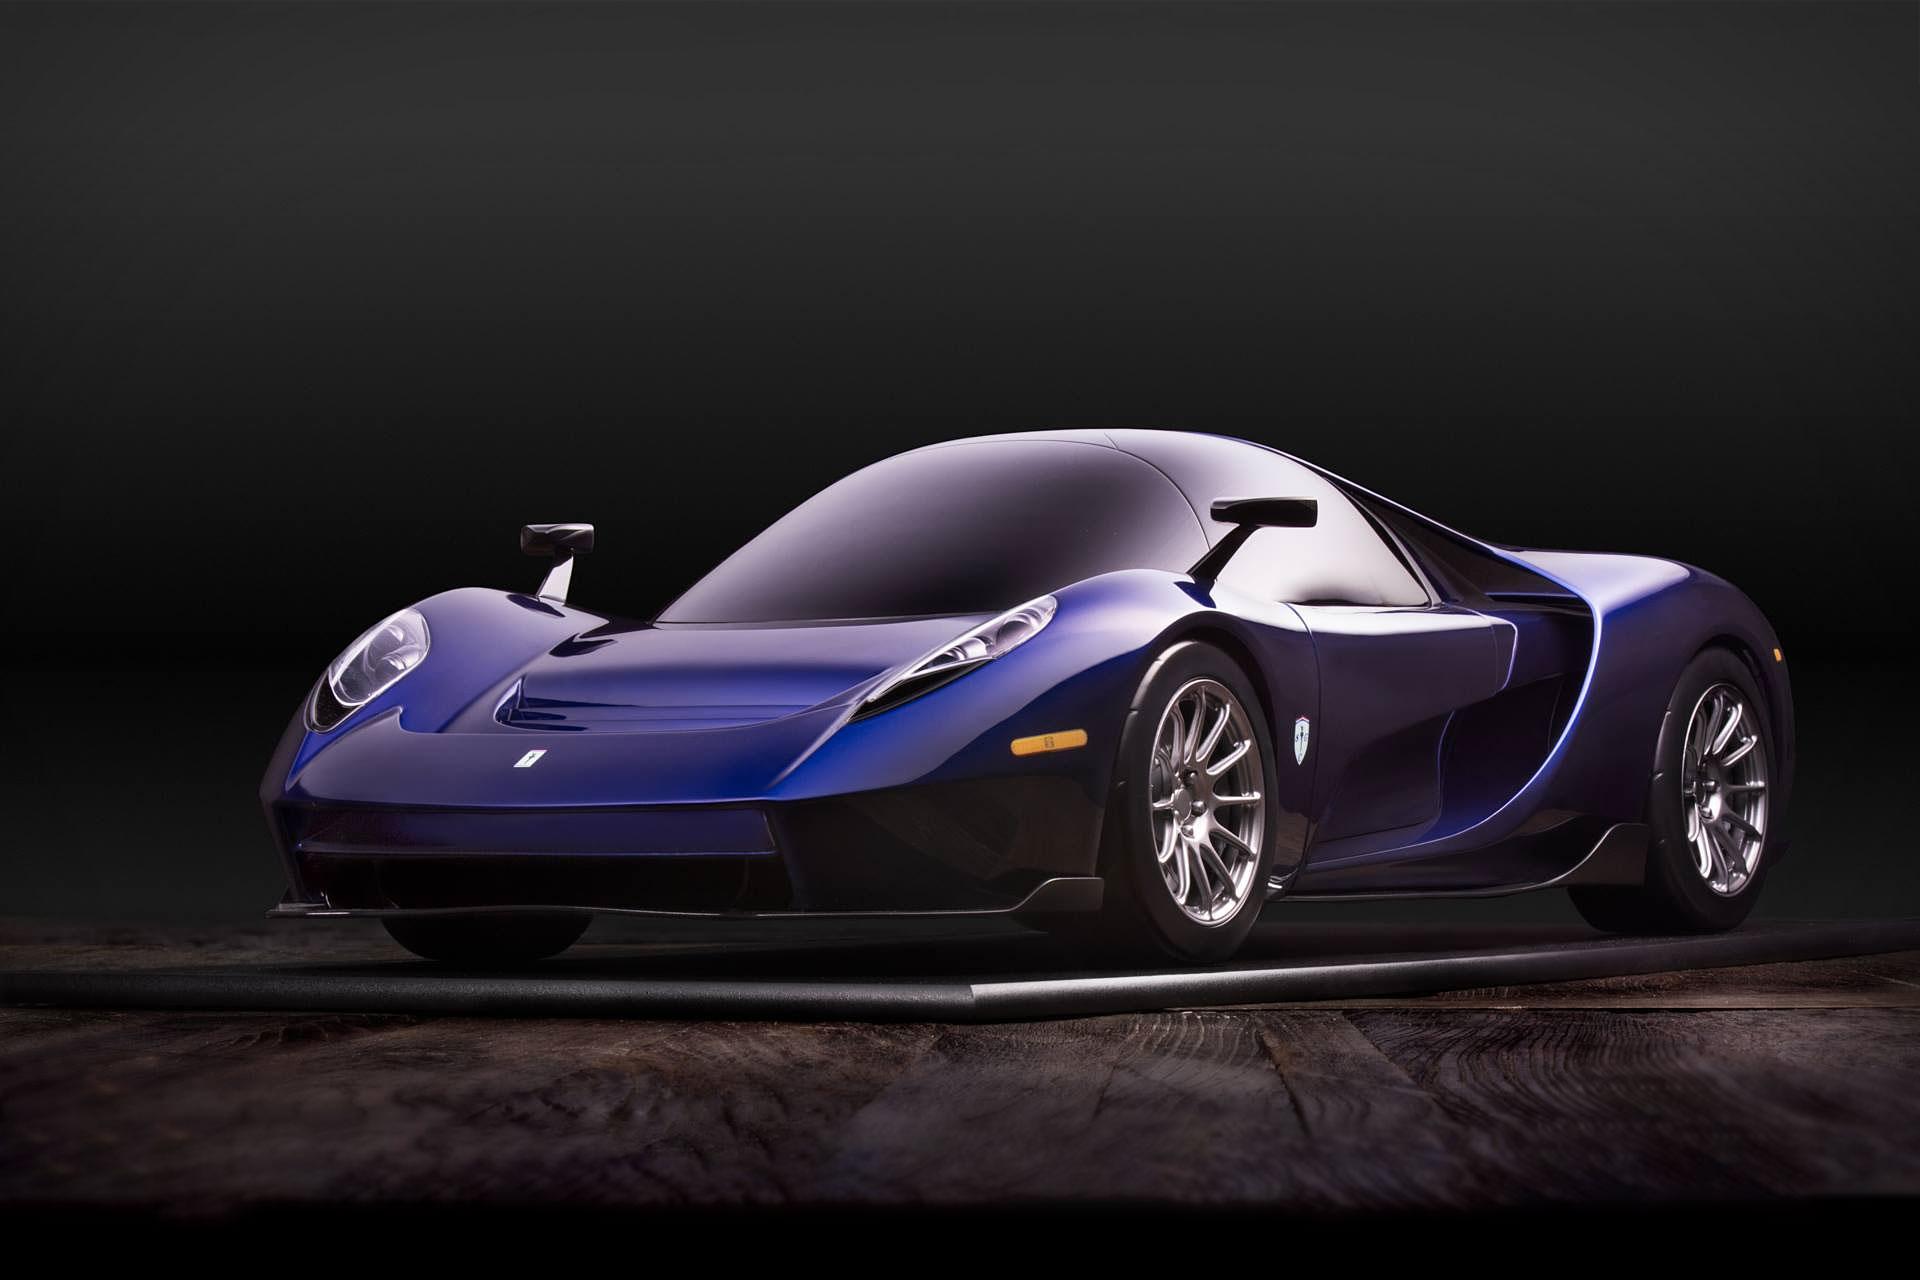 Scuderia Cameron Glickenhaus SCG 004S Supercar Uncrate